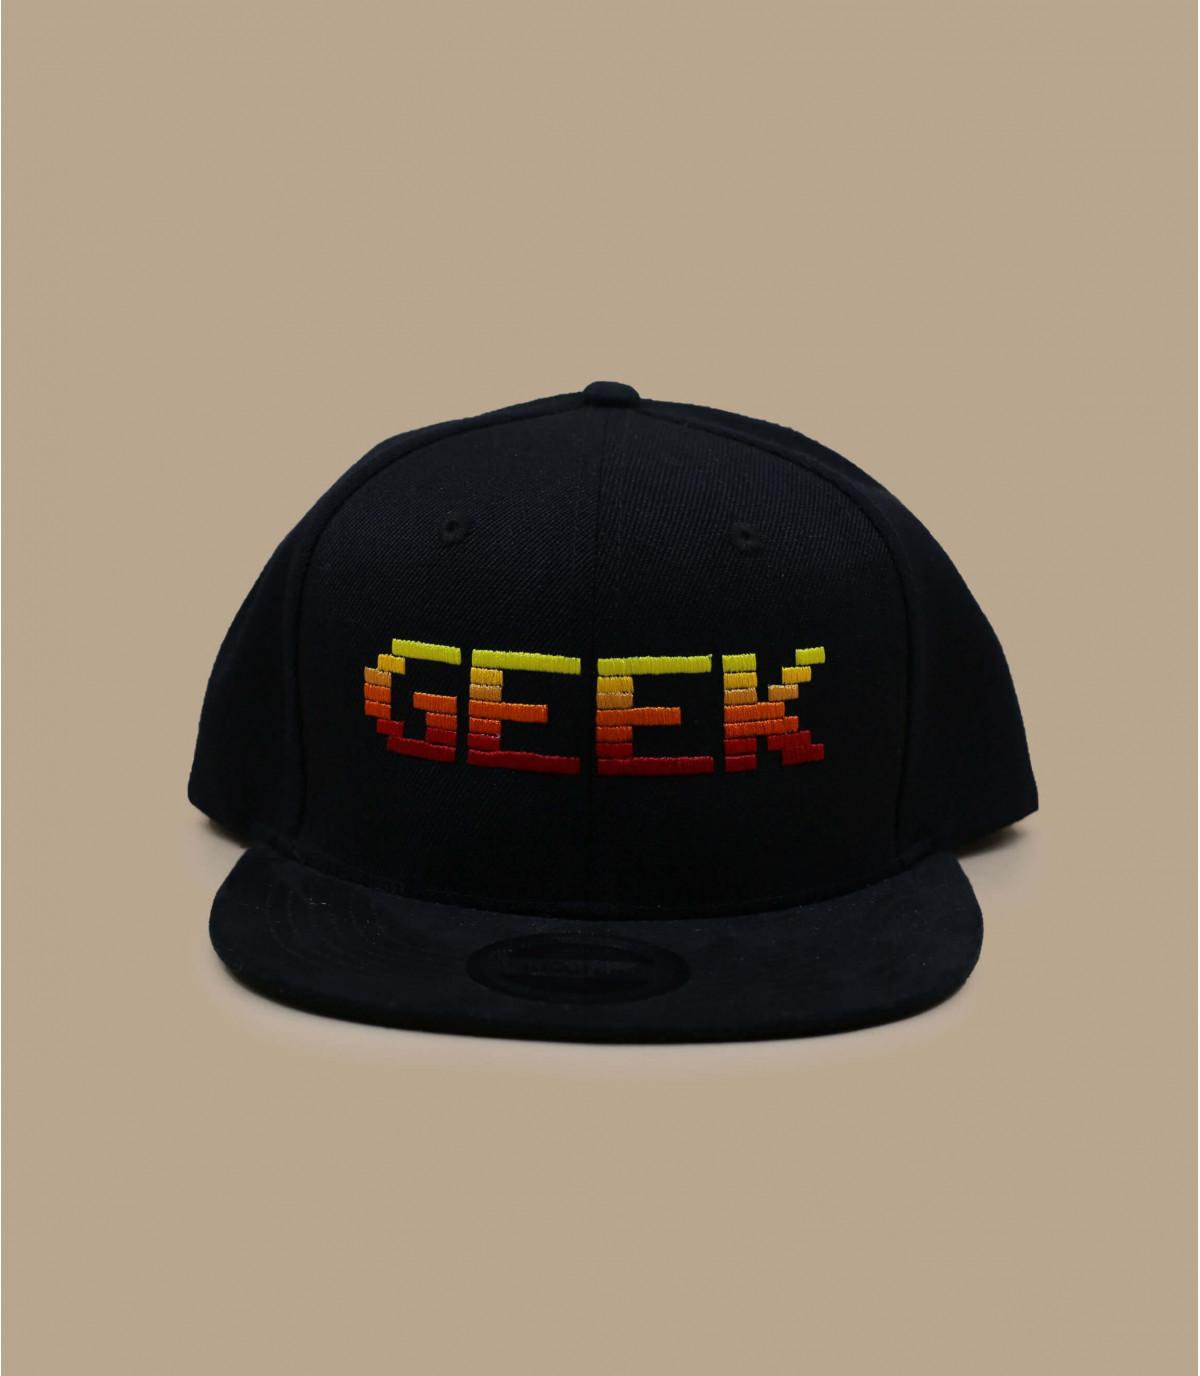 Détails Snapback Geek - image 2